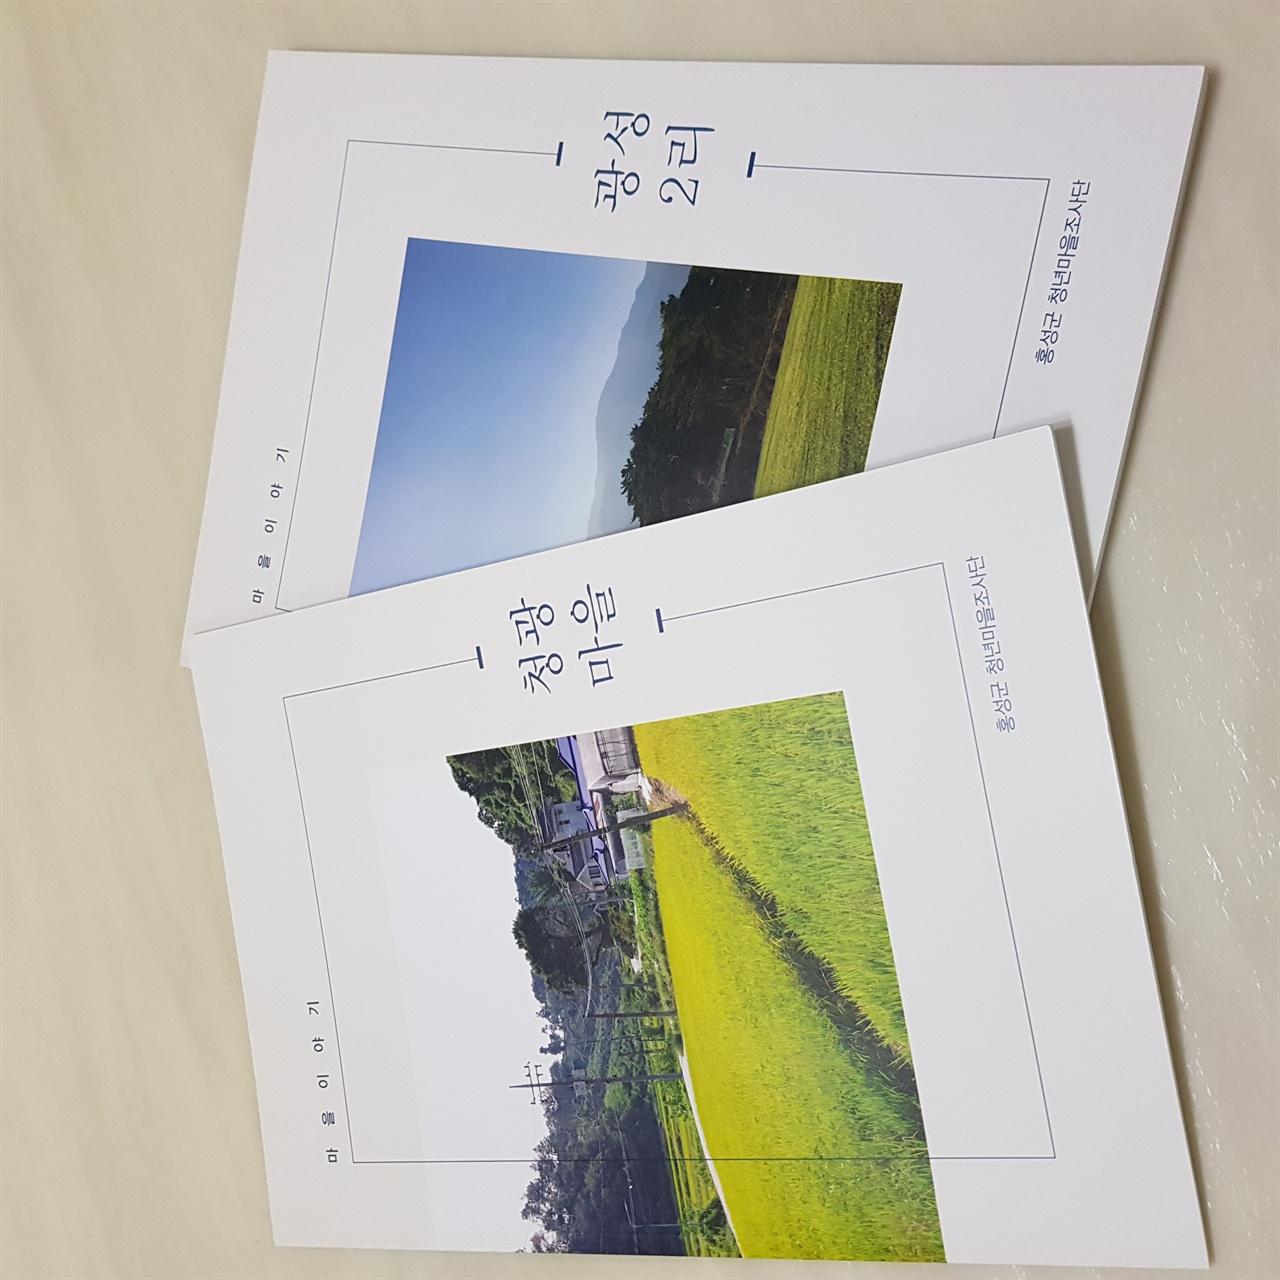 홍성군청년마을조사단이 발간한 마을이야기 책자. 홍성군내 330여개 마을 중 현재까지 30개의 마을조사가 완료됐다.